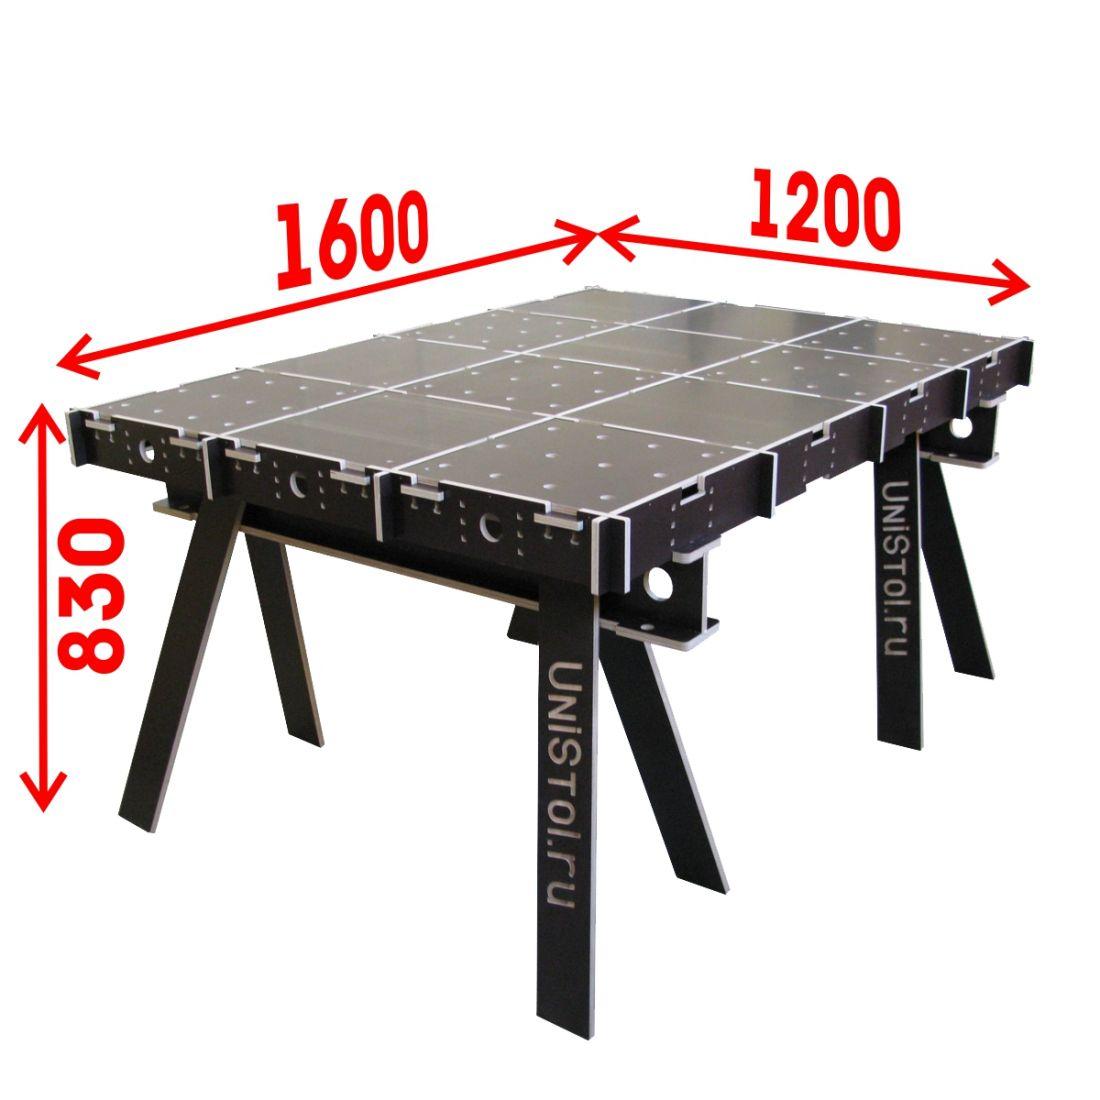 Ячеистый стол для раскроя листовых материалов 1200x1600 мм со столешницей